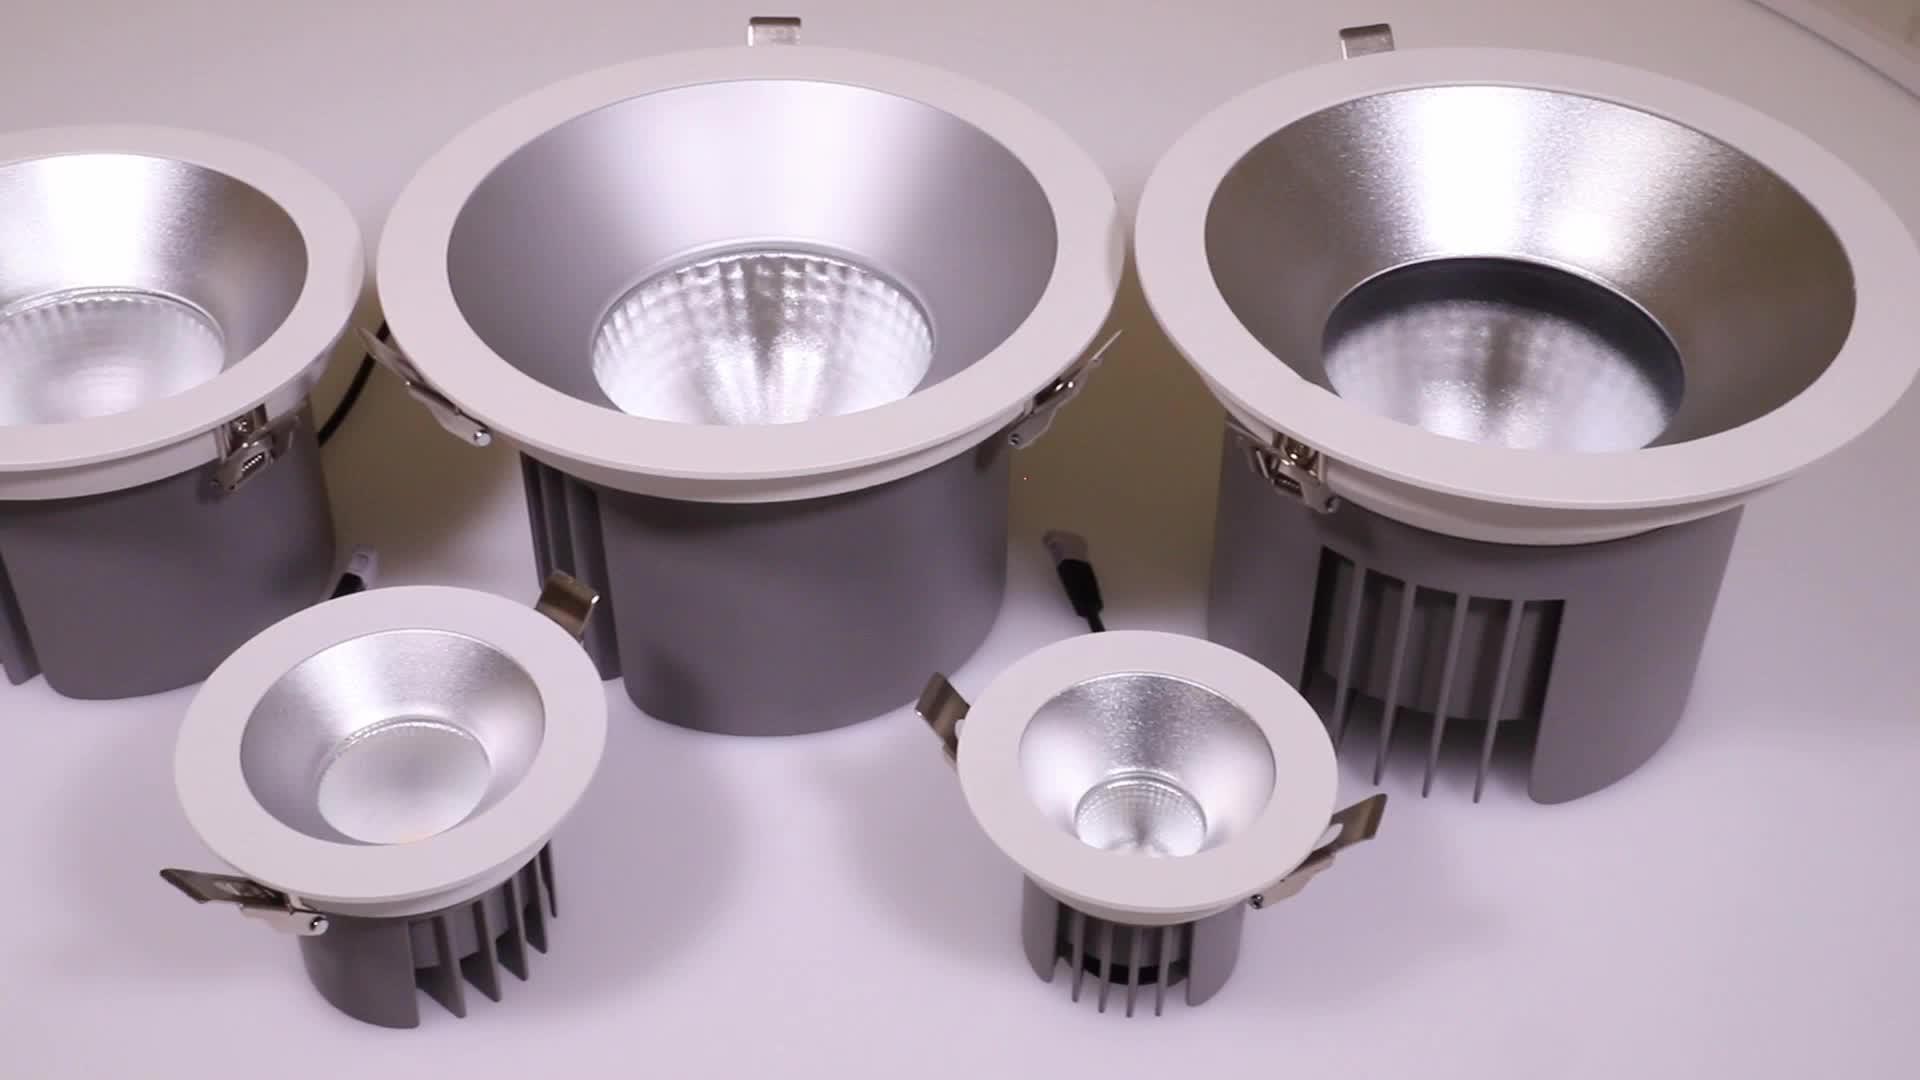 โรงงานมี commercial skd ip67 LED หรี่แสงได้อลูมิเนียม 10w 35w 60w 80w 50w cob downlight